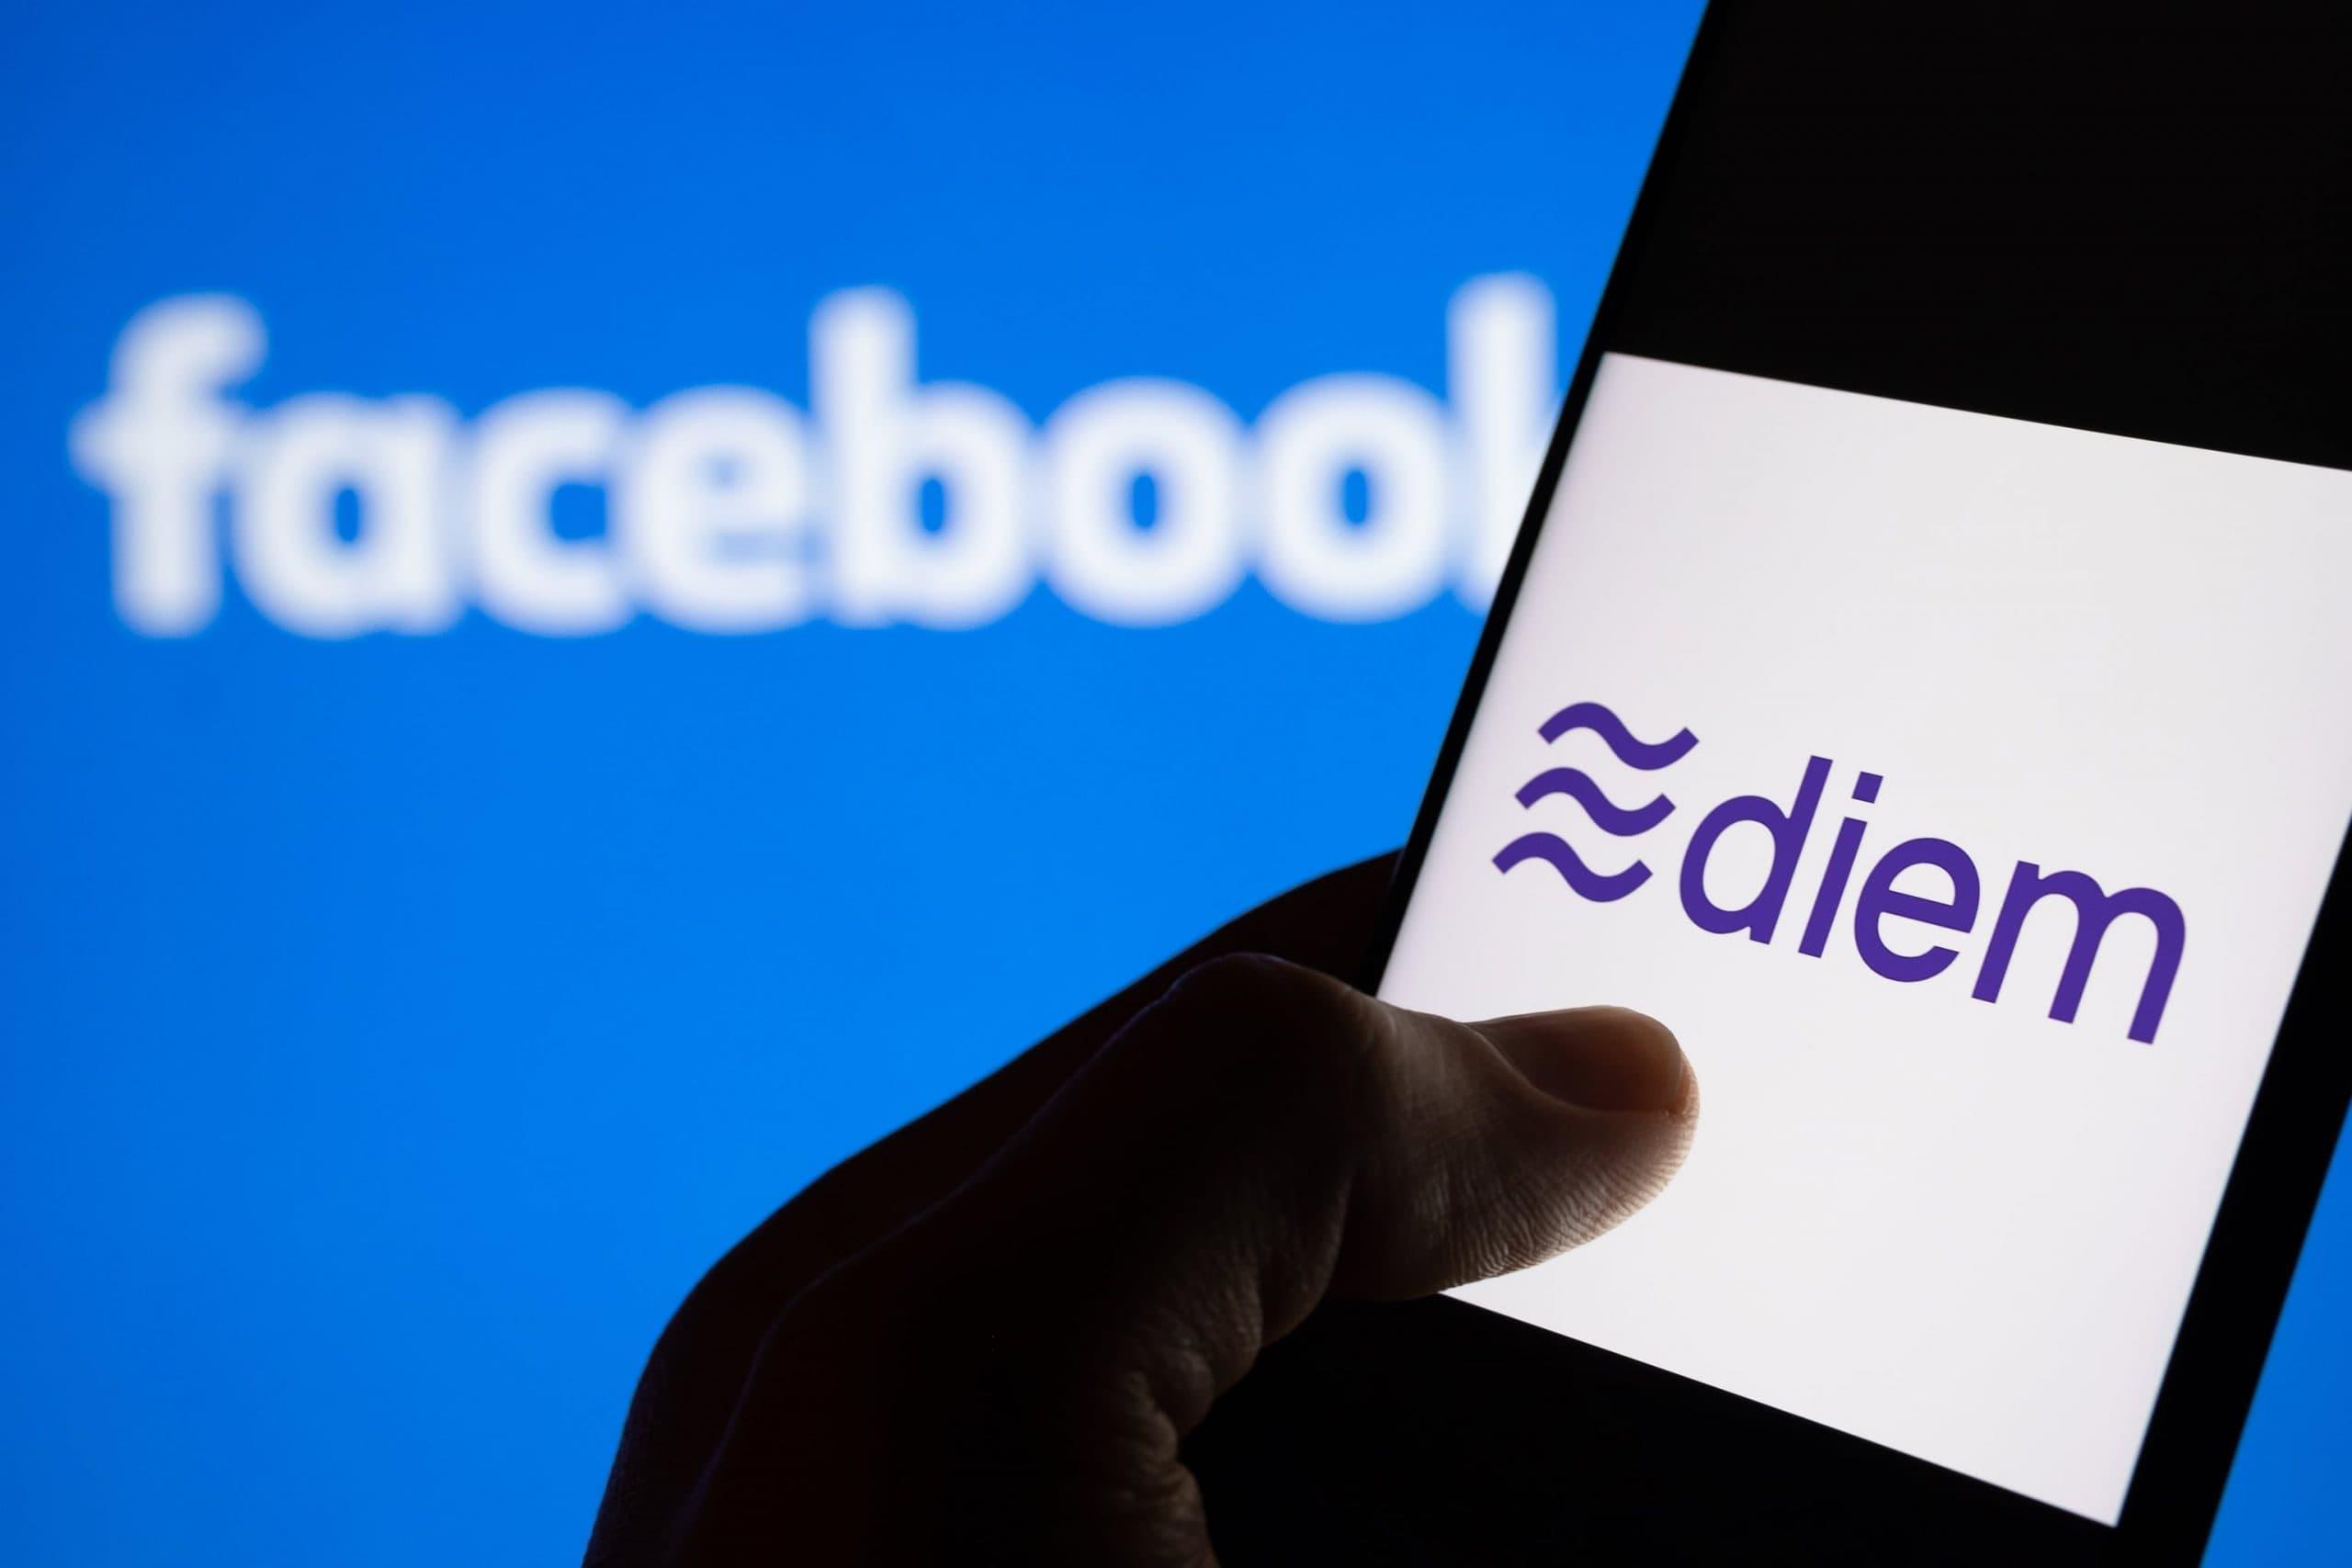 Eine Hand bedient ein Smartphone, auf dessen Bildschirm das Diem-Logo zu sehen ist. Im Hintergrund prangt das Facebook-Logo.